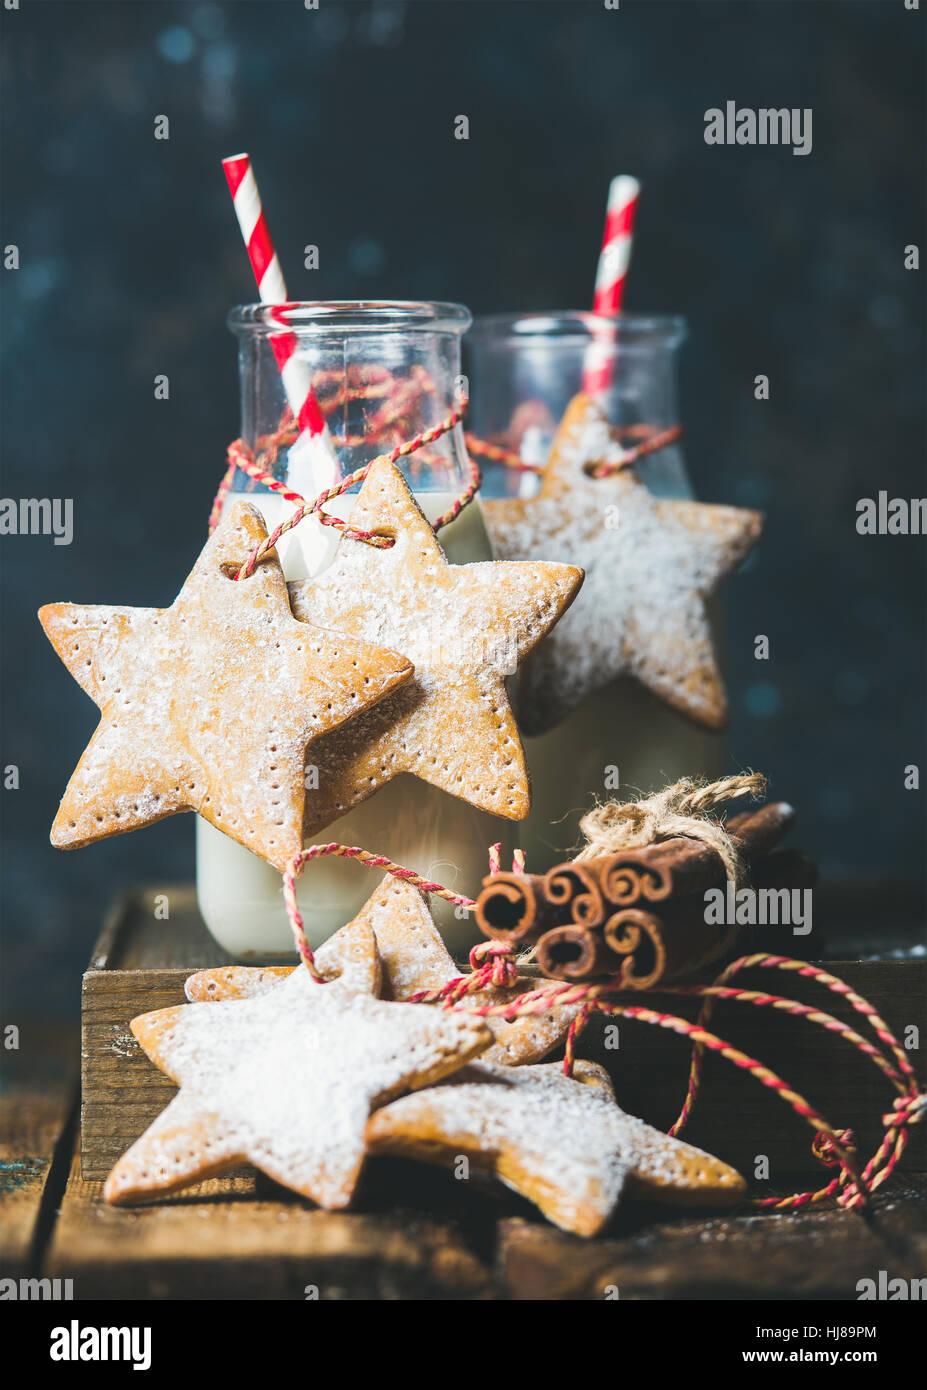 Flaschen mit Milch und festliche Lebkuchen Weihnachtsstern geformt cookies Stockbild